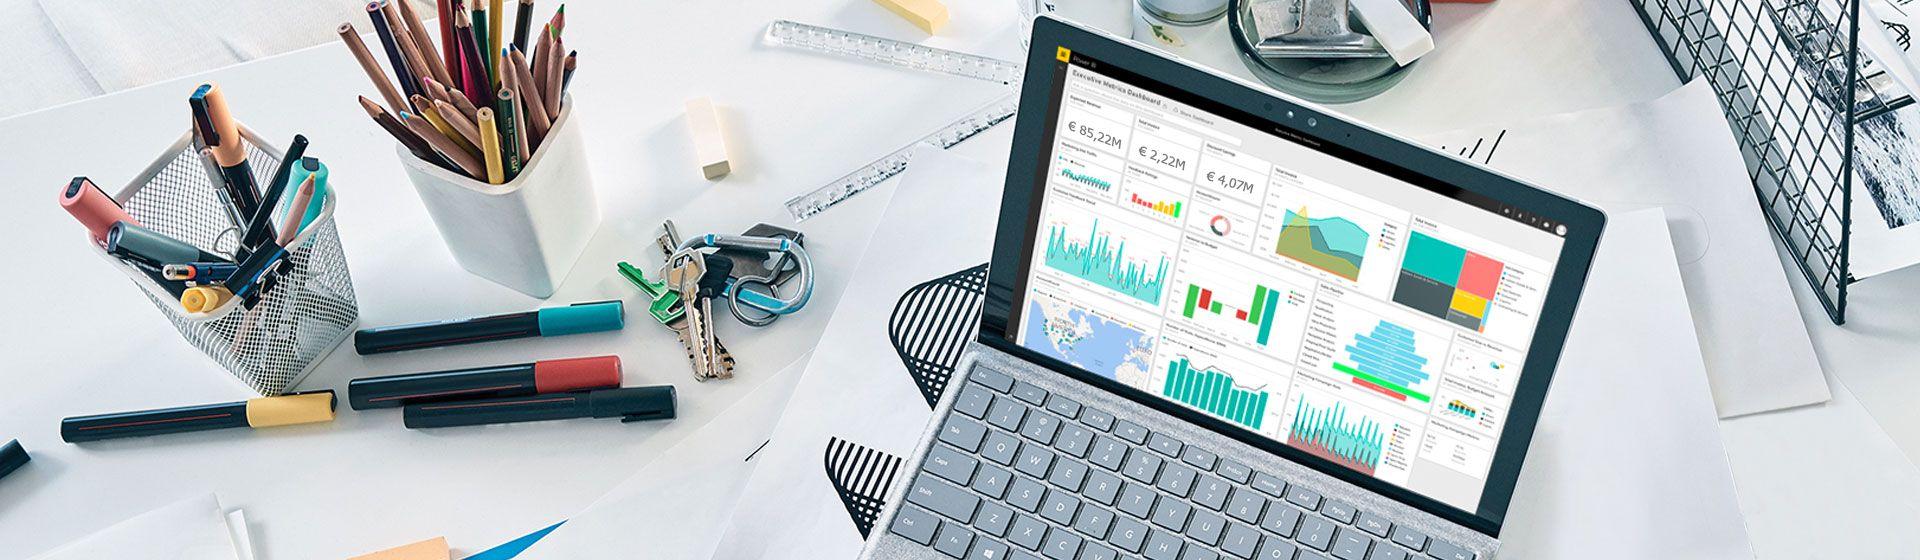 Leeg bureau met desktopbeeldscherm waarop Power BI wordt weergegeven